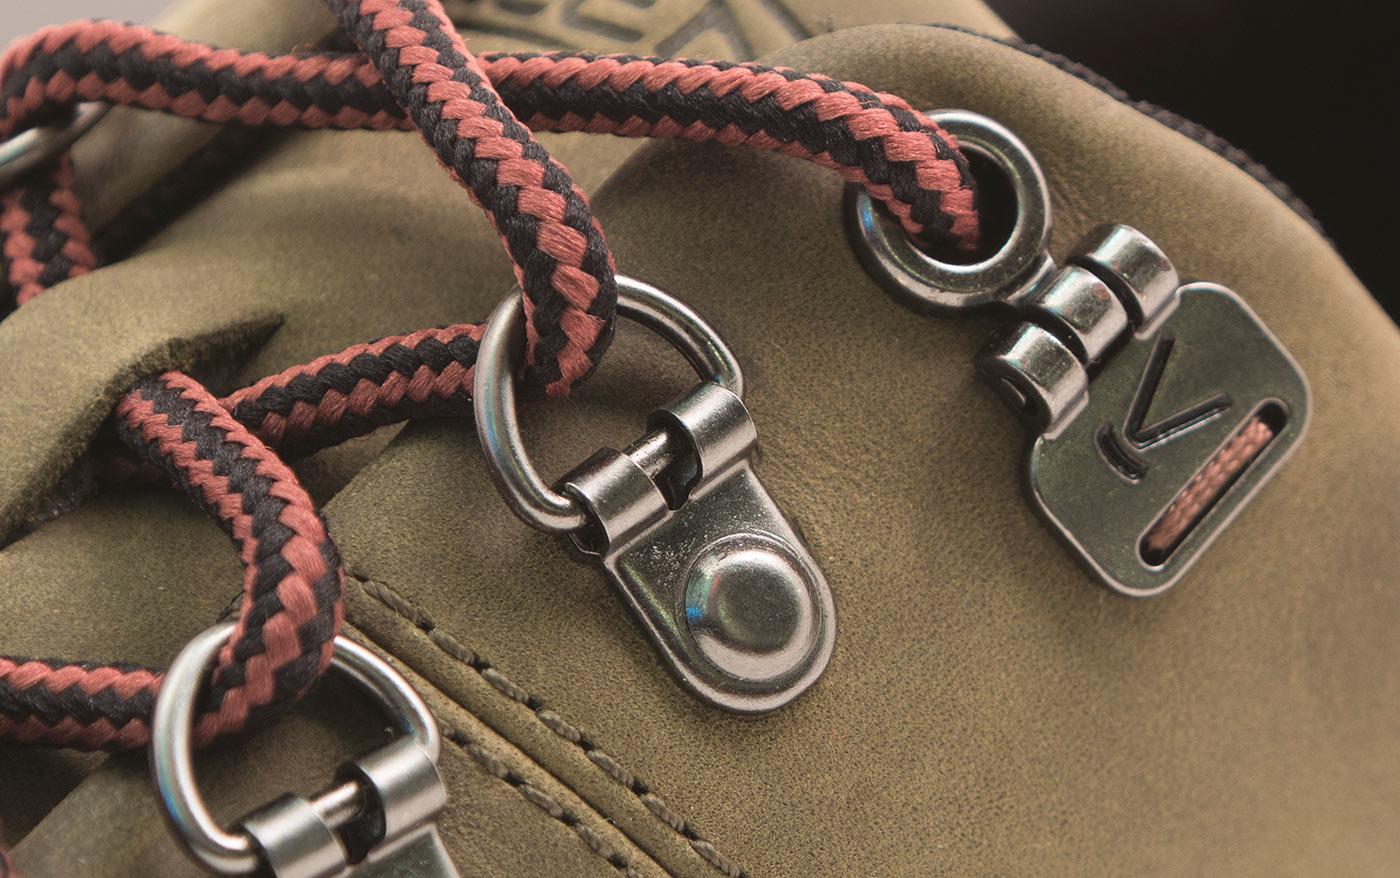 Sko og støvler - pleje, vask og imprægnering